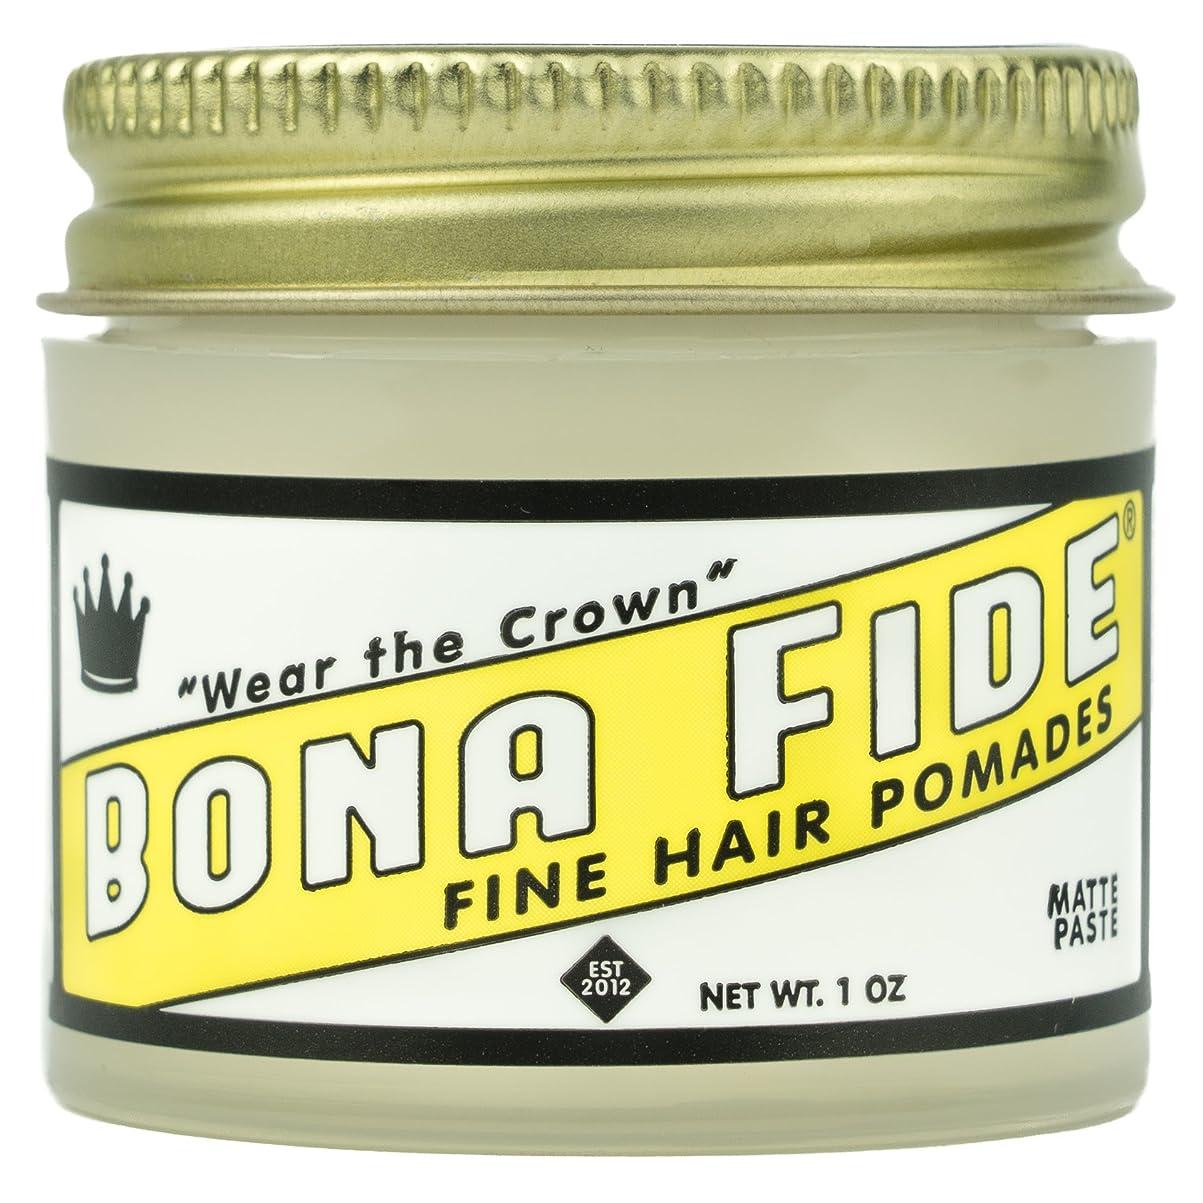 部アニメーション経由でBona Fide Pomade, マットペースト 1oz (28g) / トラベルサイズ,水性/グリース